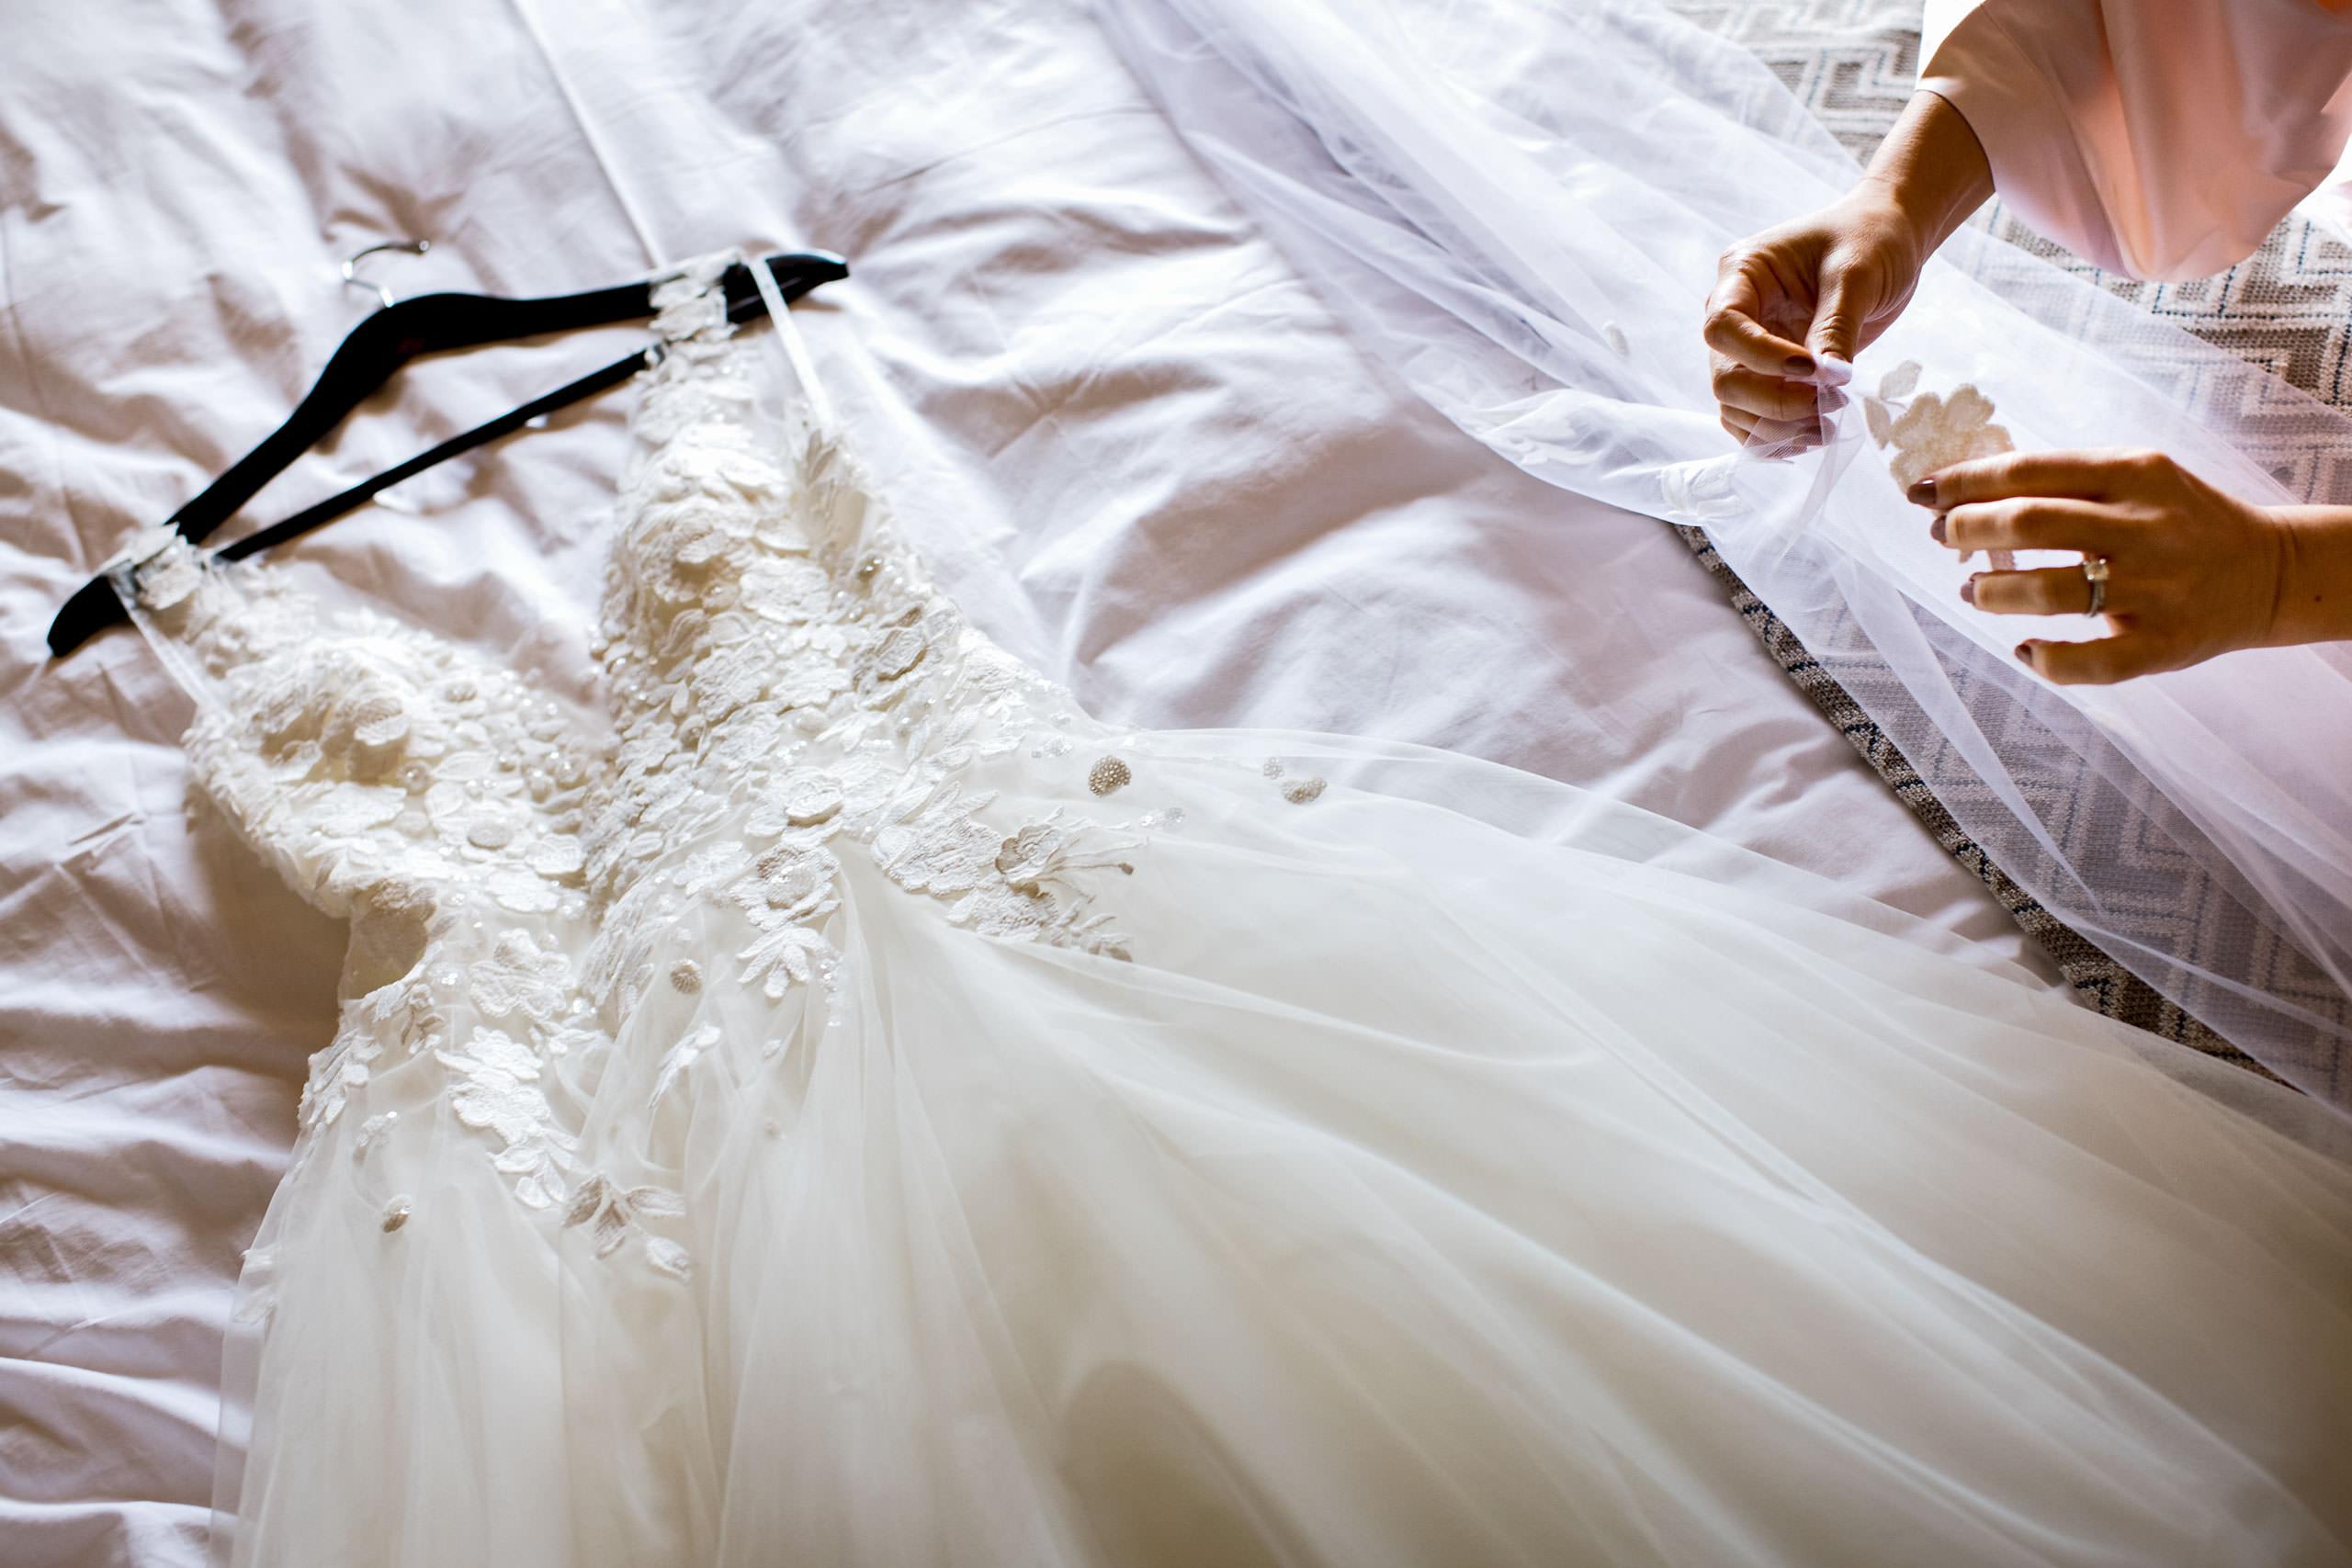 Wedding dress by Carmel Valley Ranch Wedding Photographer Sean LeBlanc